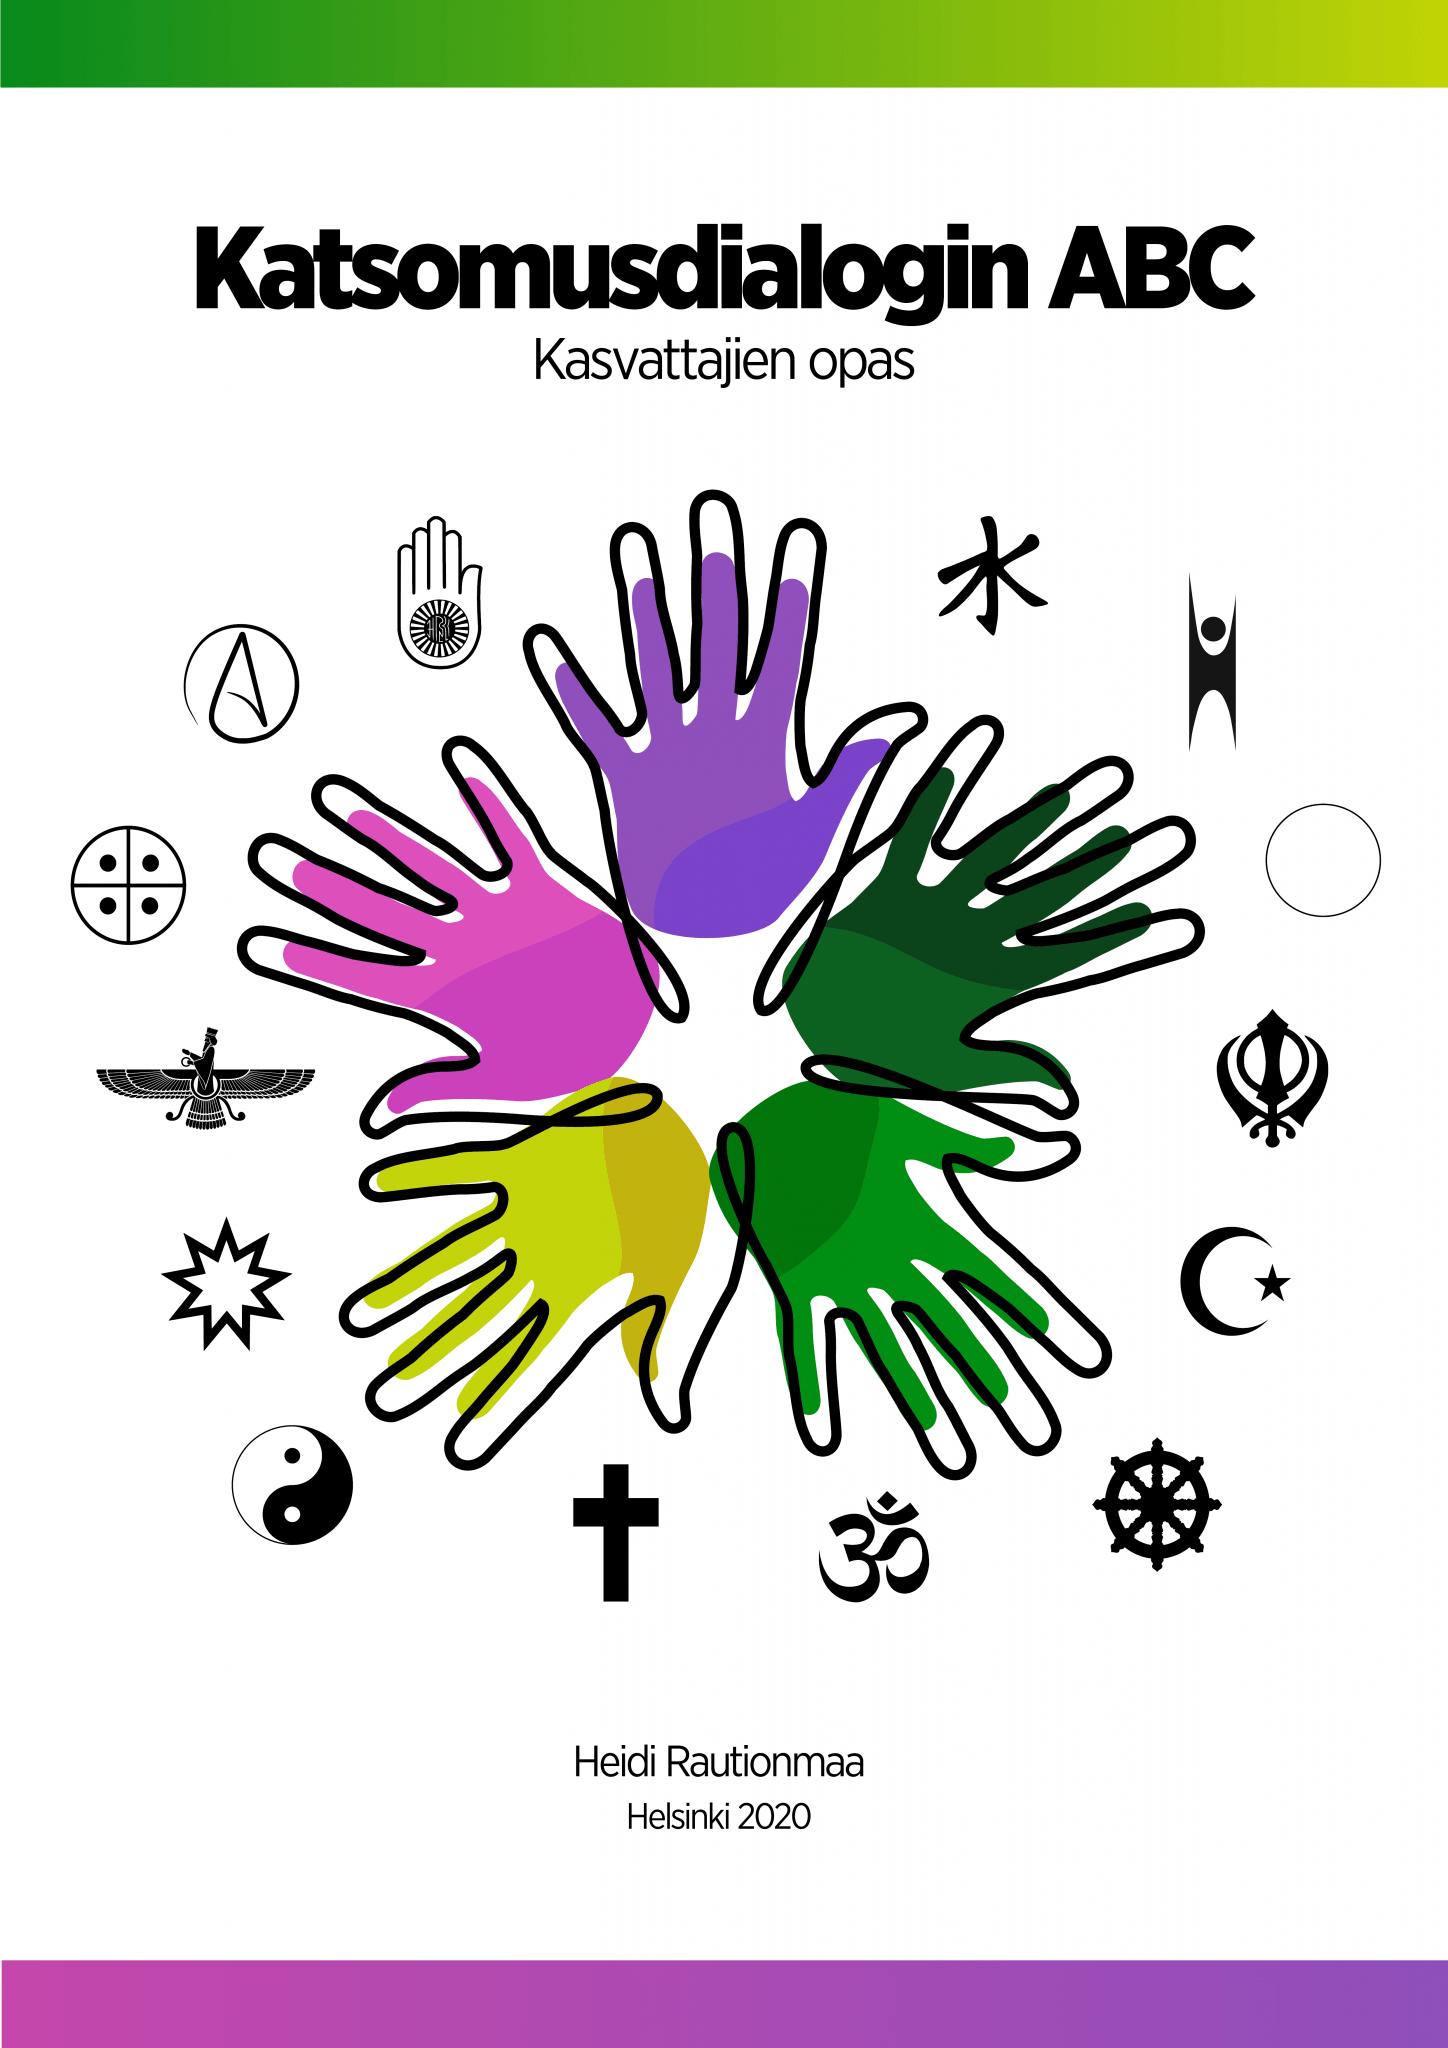 Katsomusdialogi